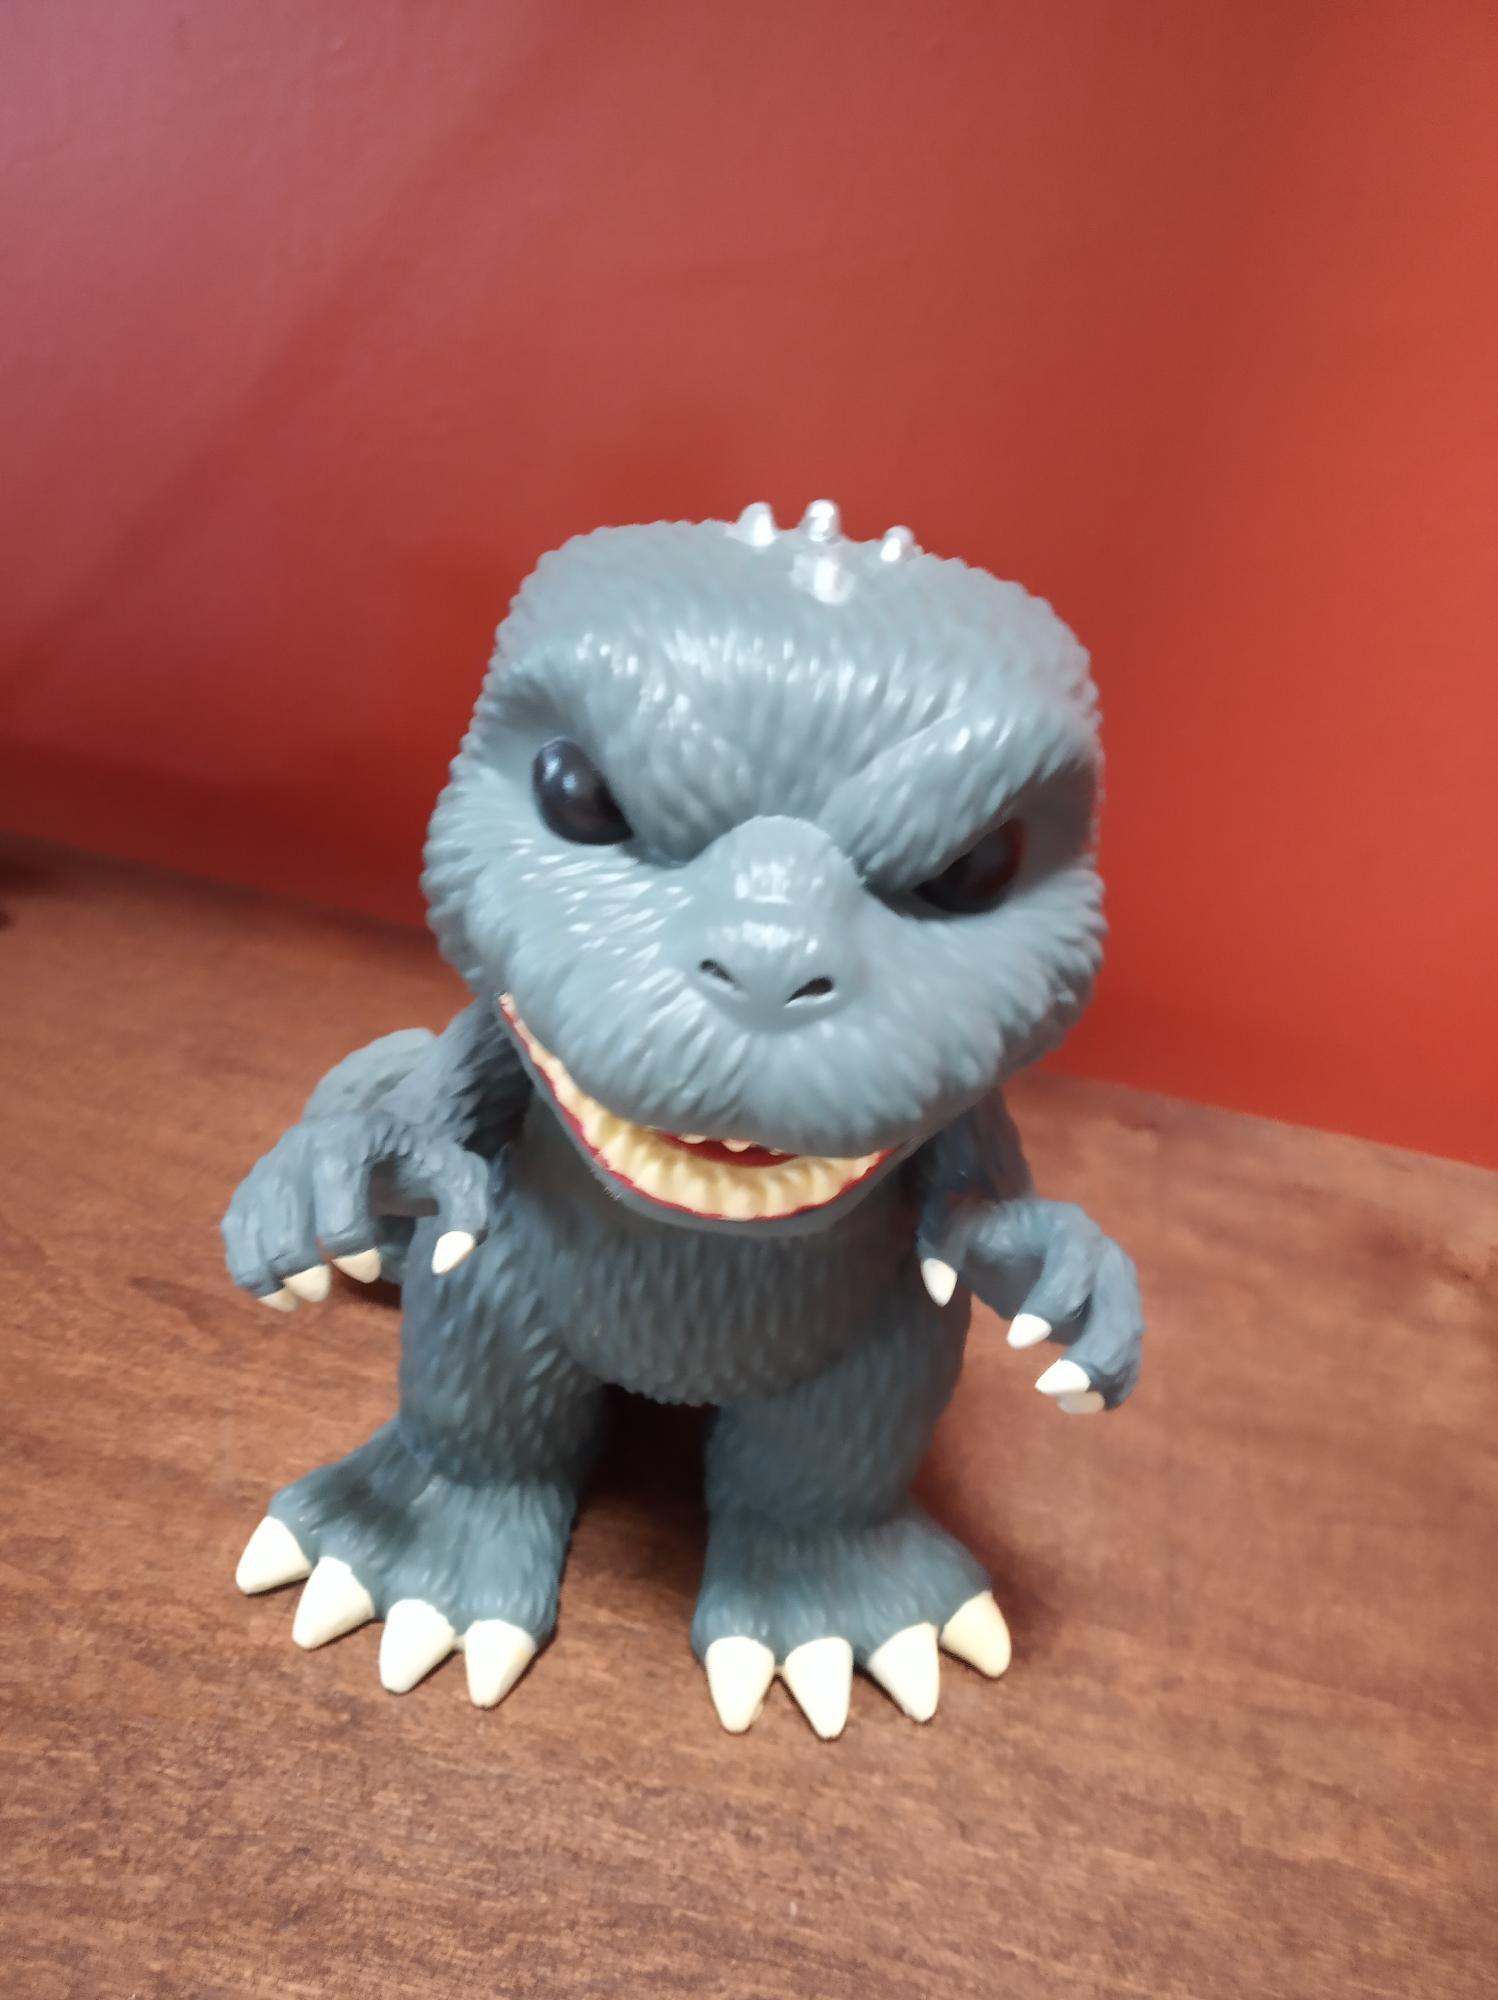 No hay otro Funko mejor el de Godzilla